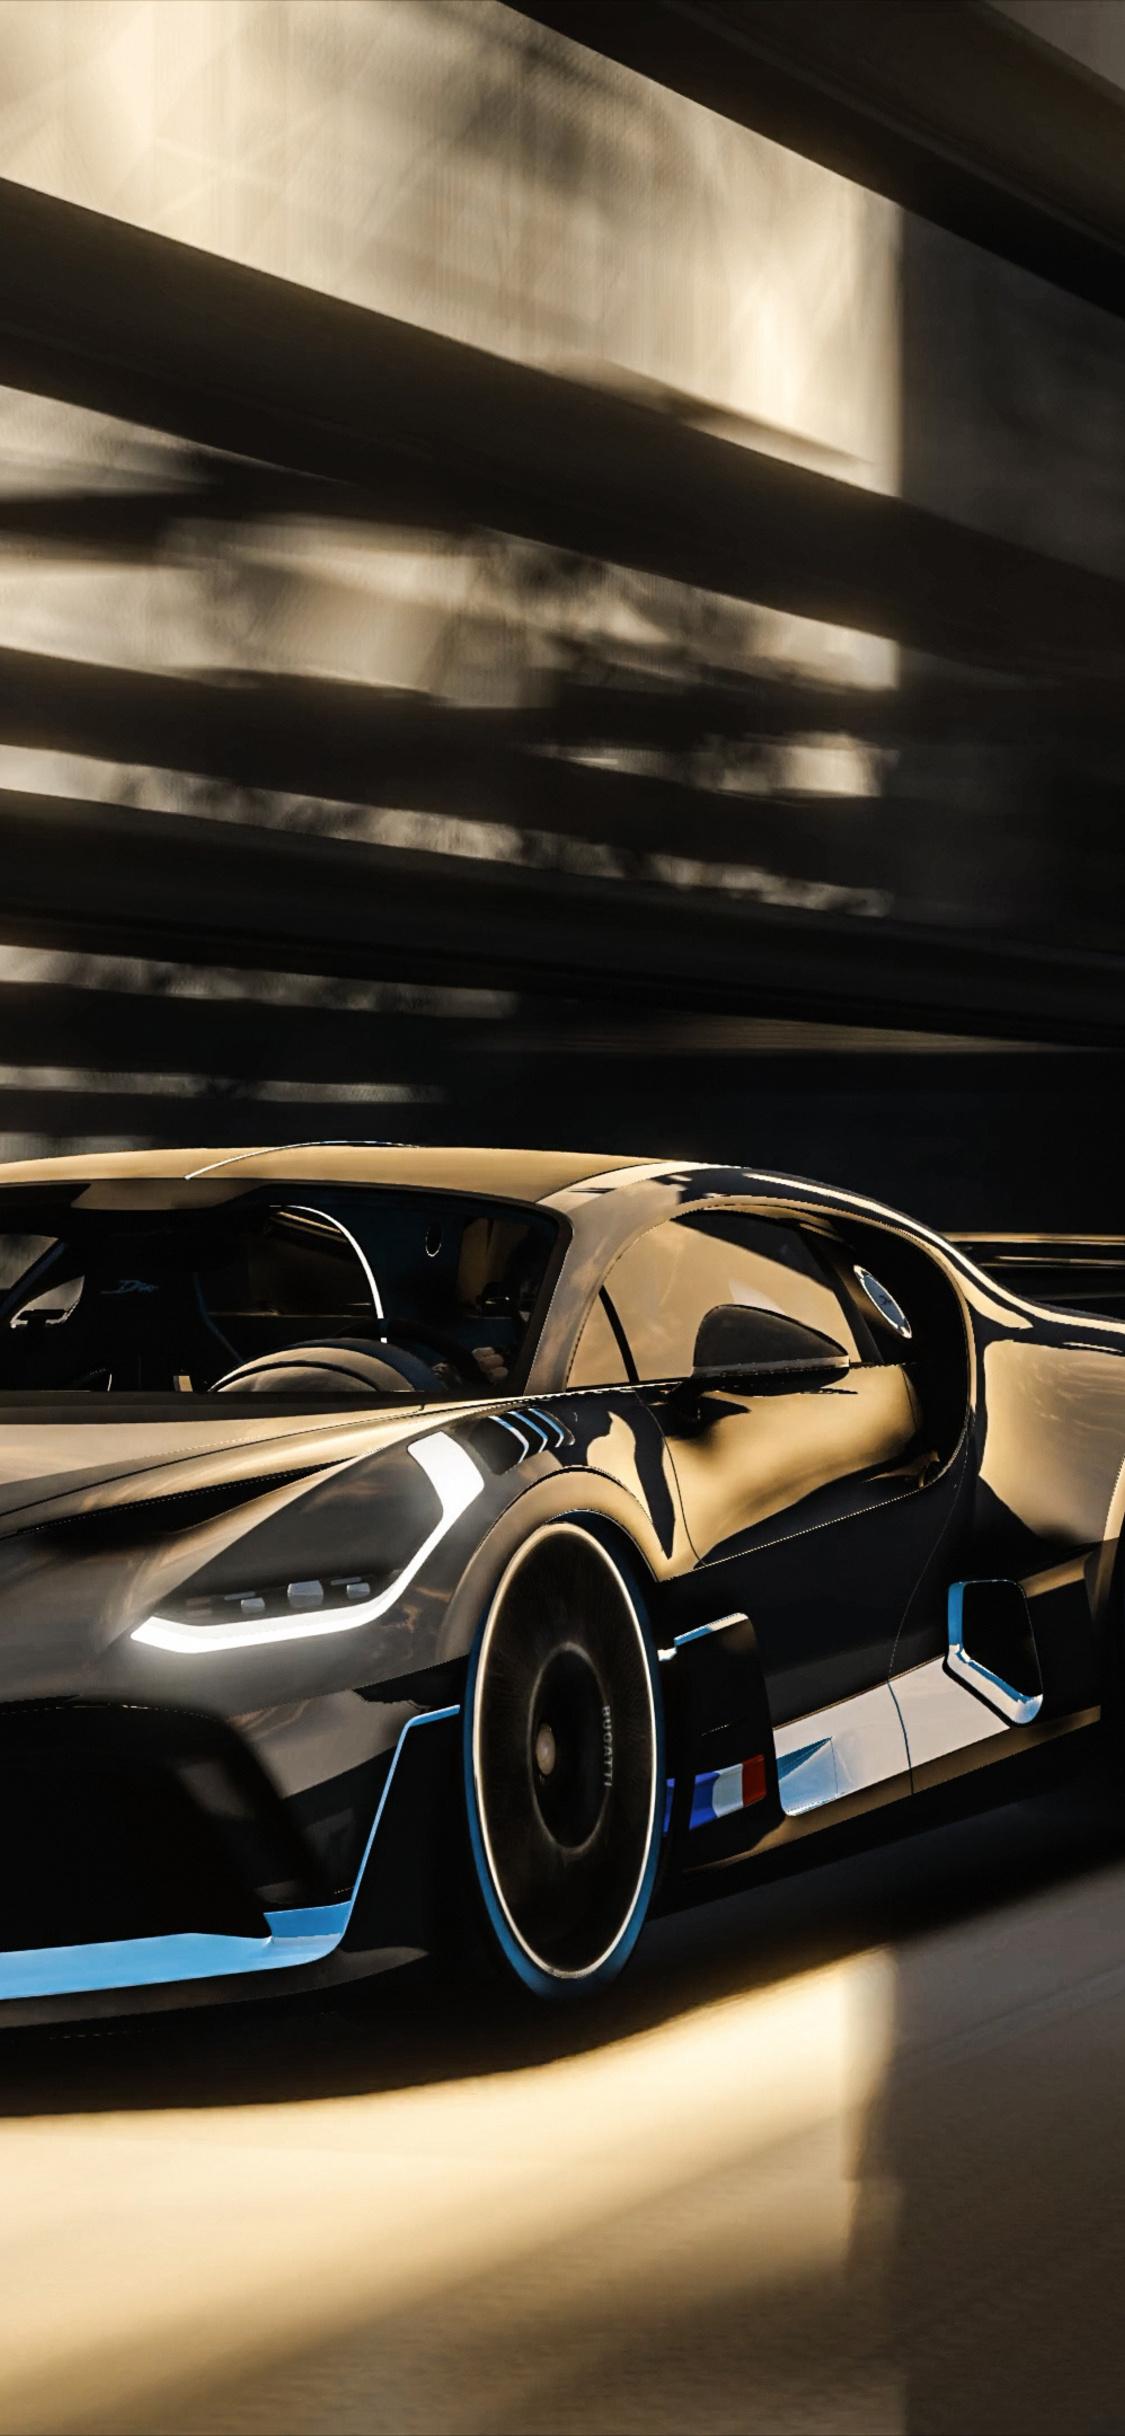 Bugatti Divo Wallpaper Iphone X